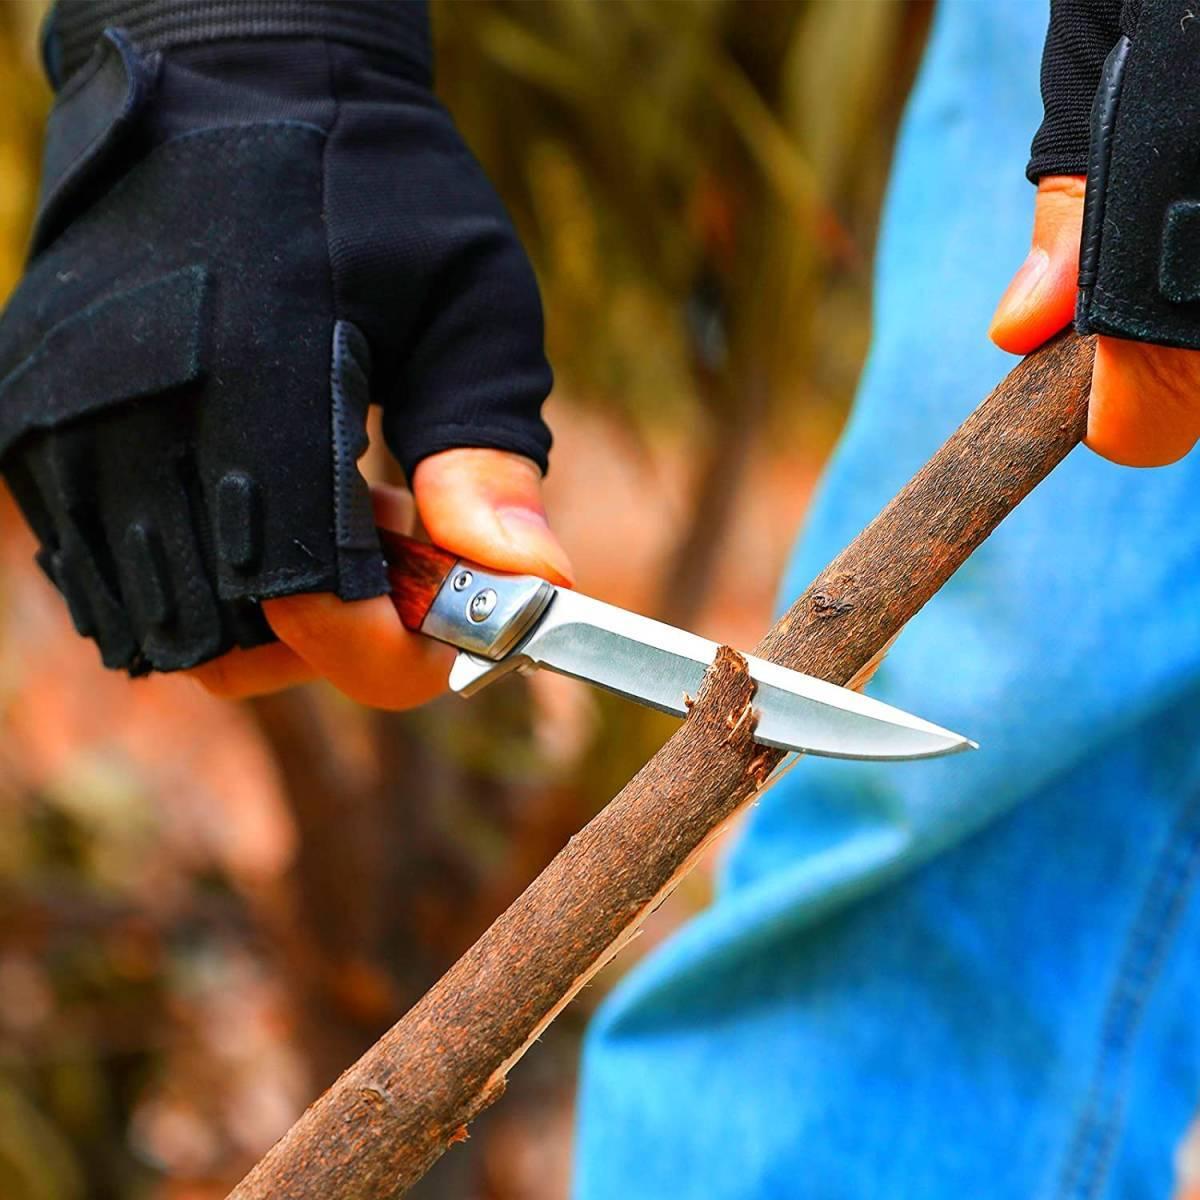 【新品 送料無料】キャンプナイフ アウトドアナイフ フォールディングナイフ 折りたたみ 折り畳み フィッシングナイフ 釣り用ナイフ